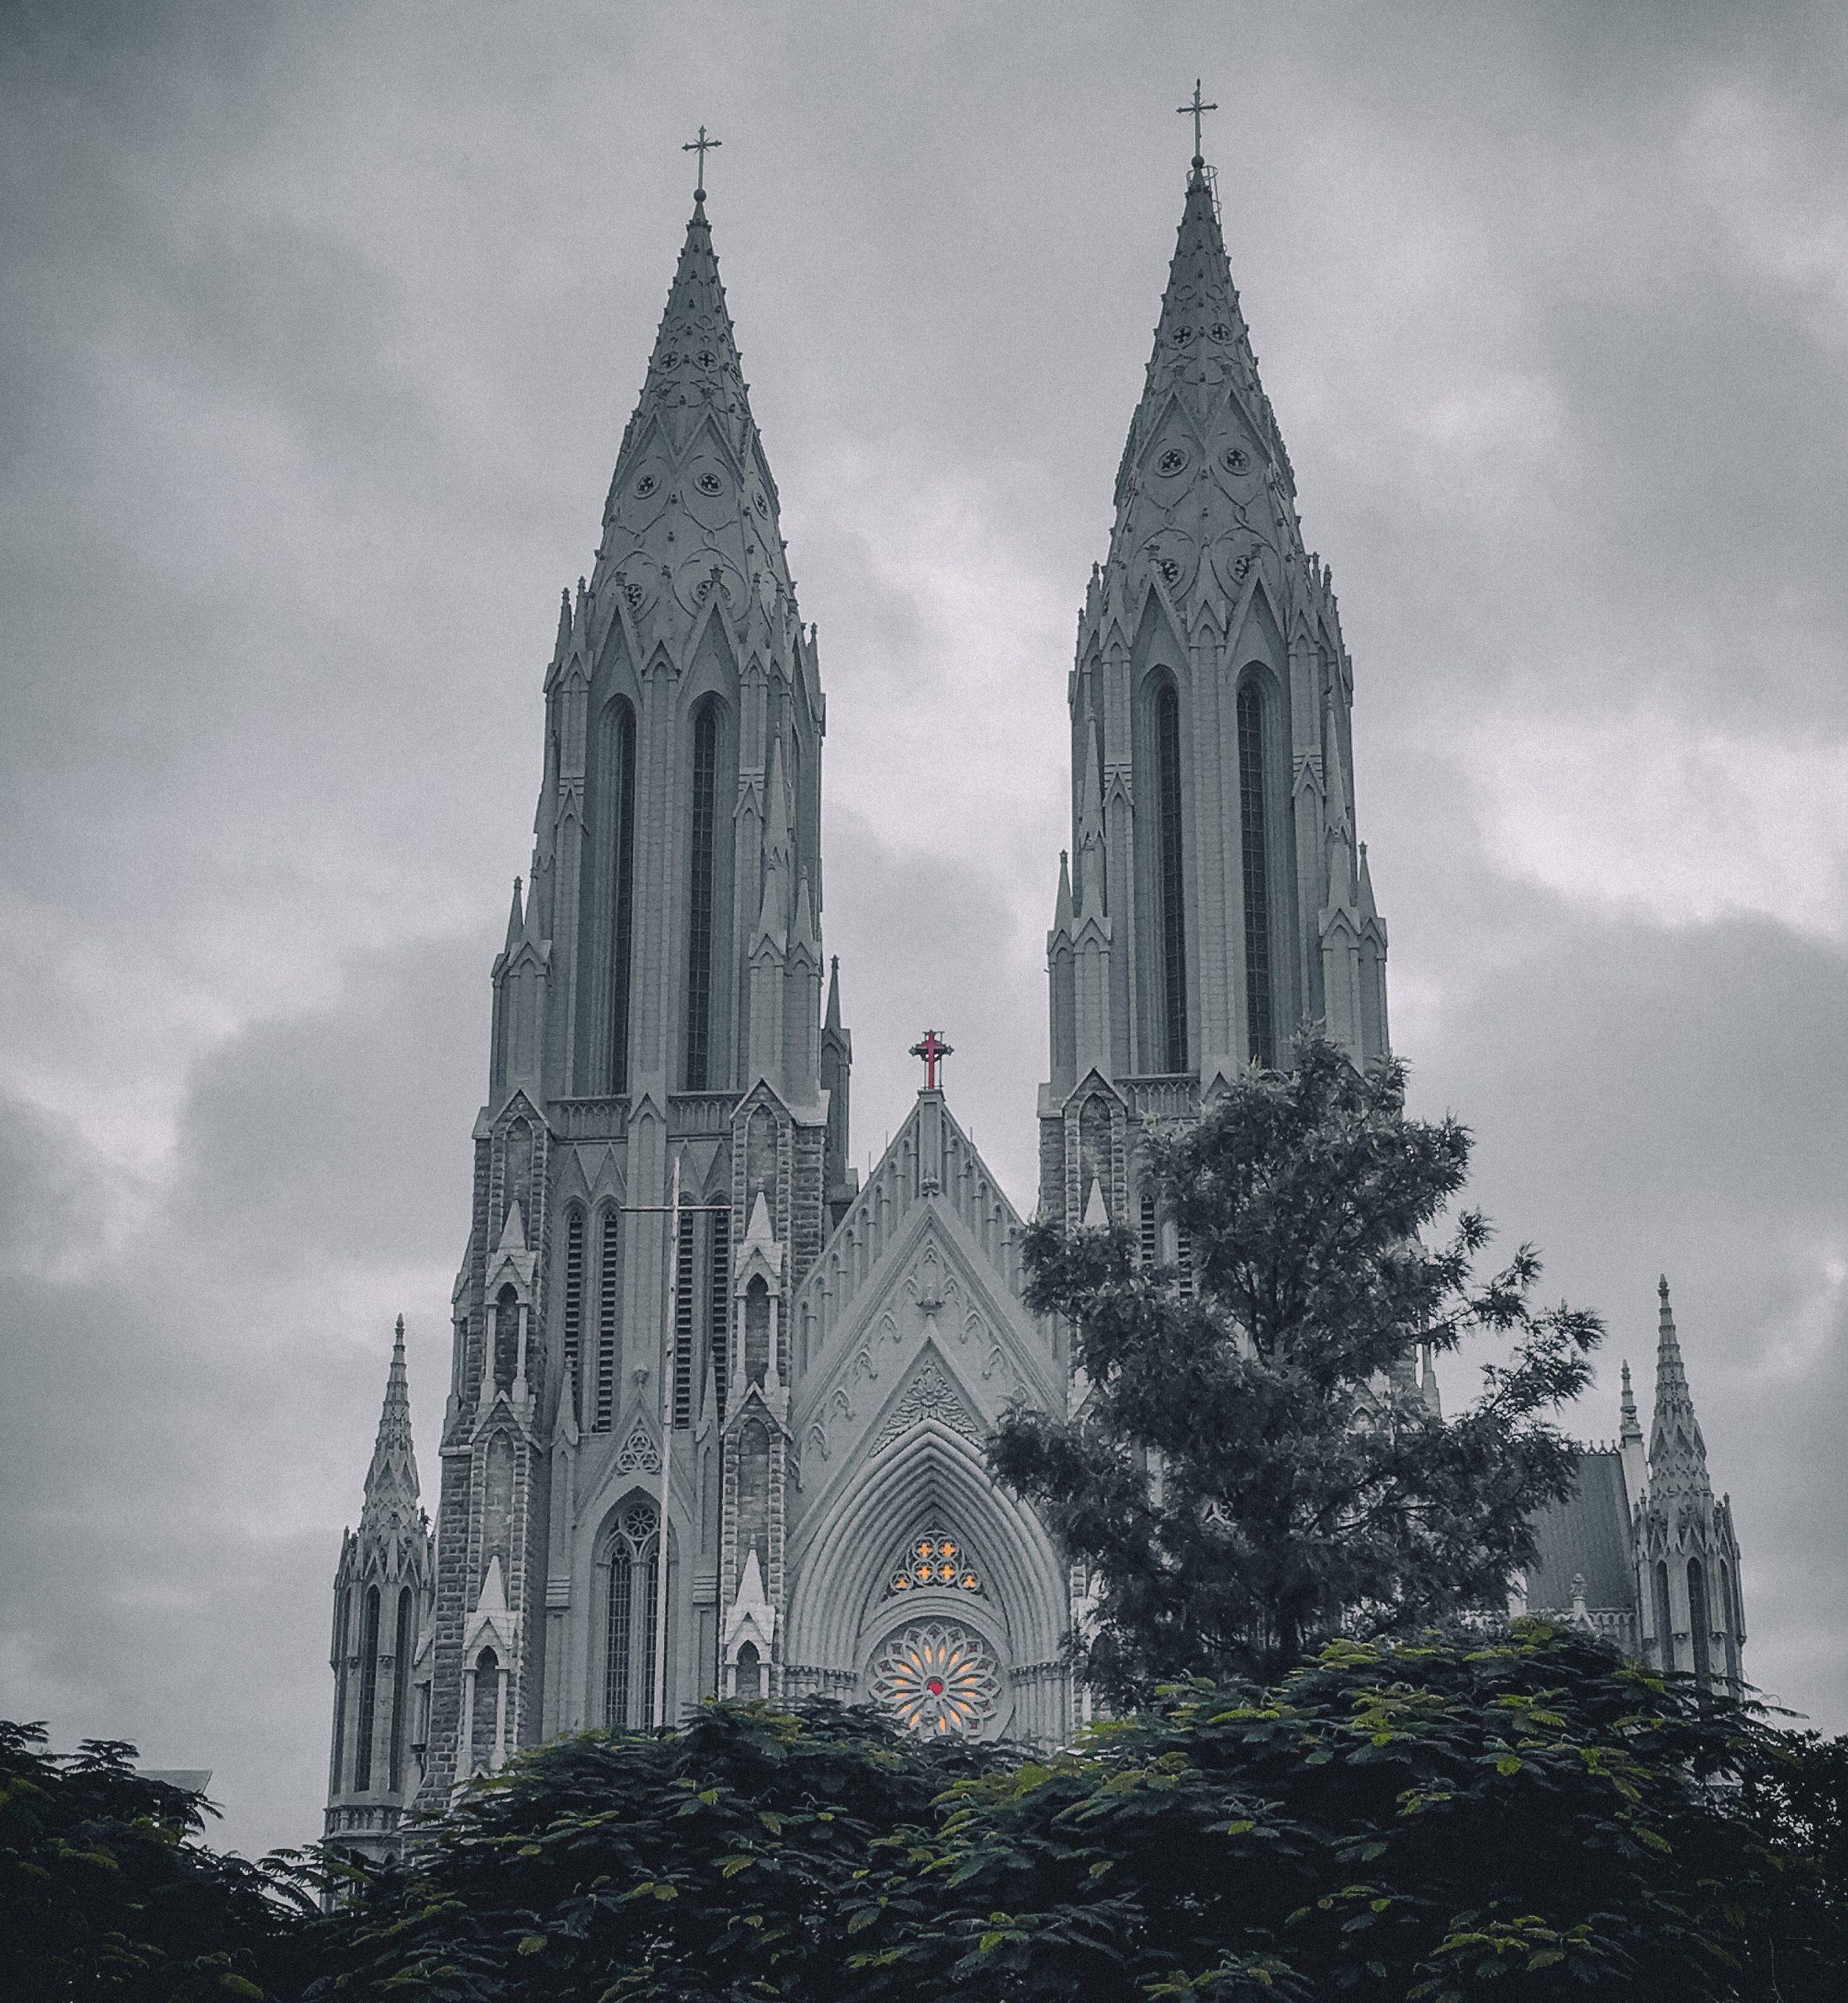 St. Philomena's Cathedral in Mysore